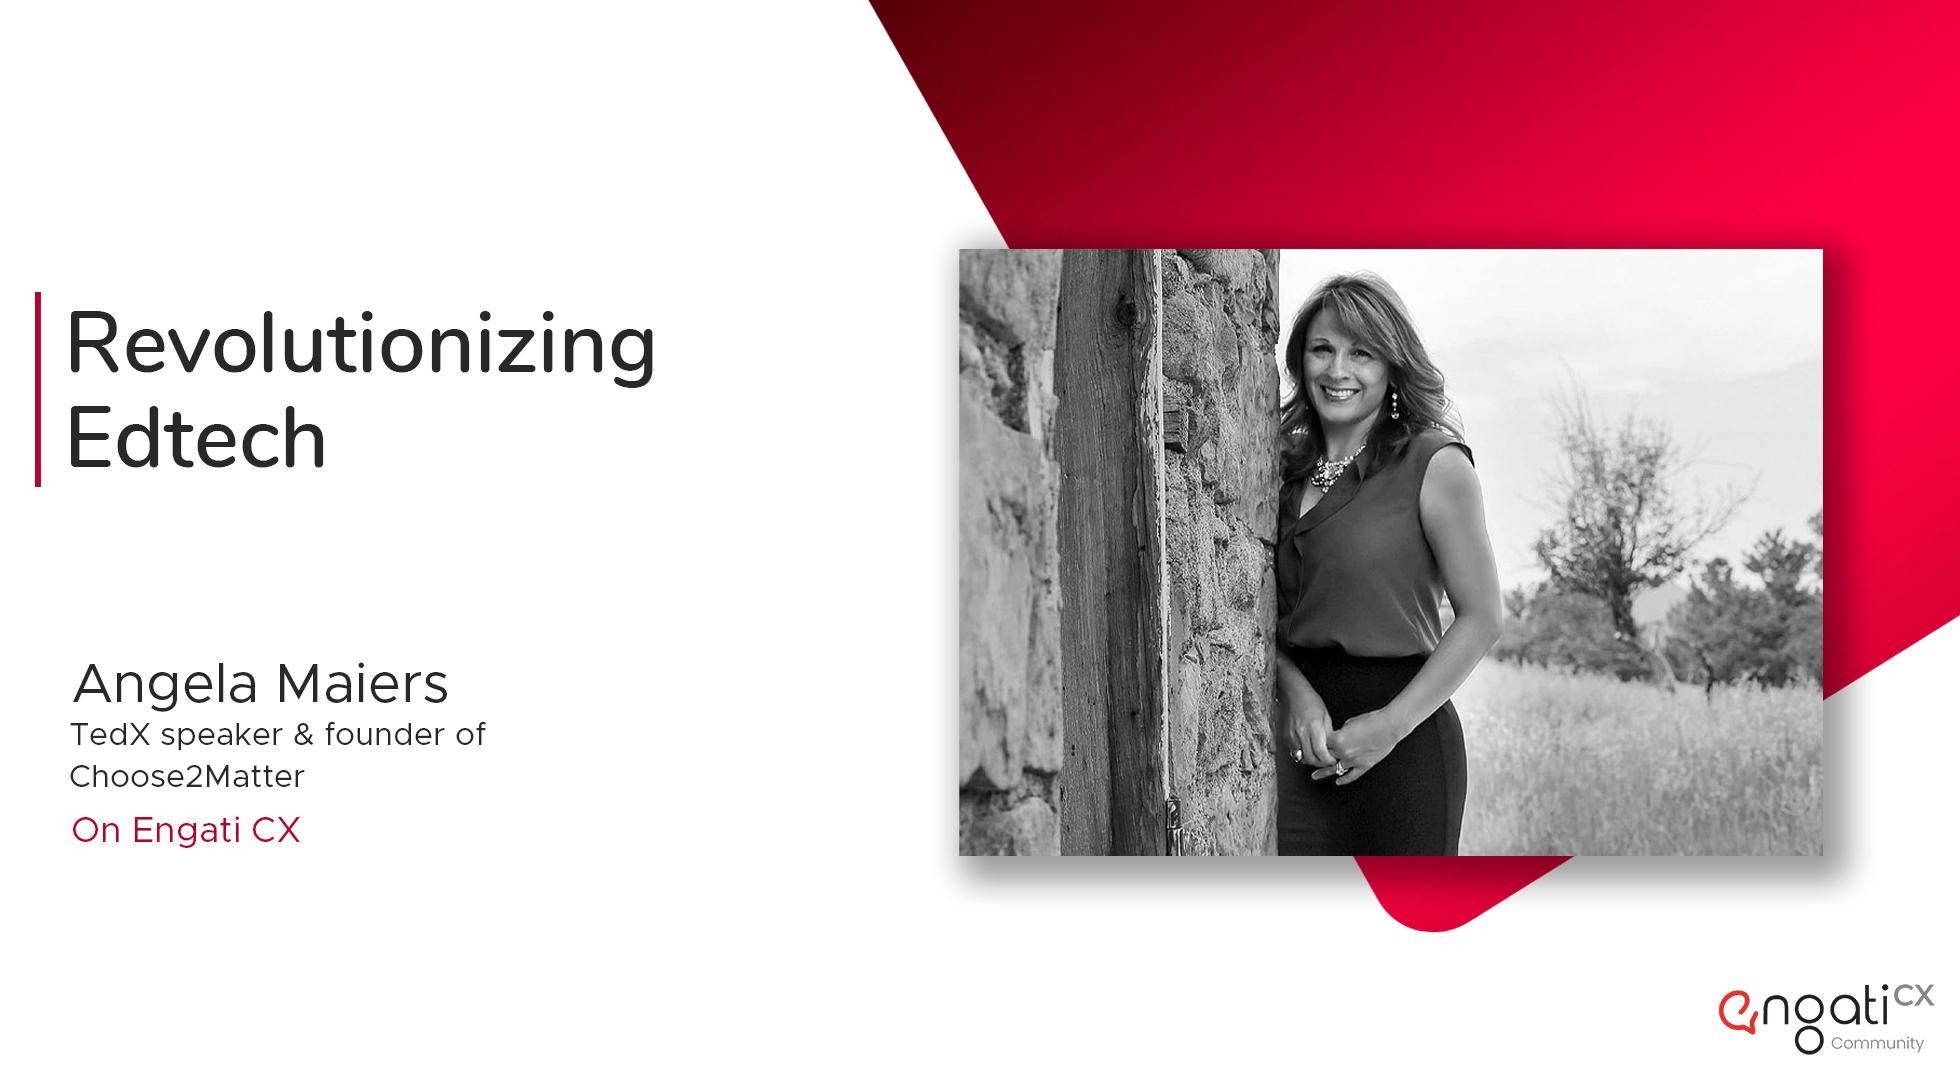 Revolutionizing EdTech | Angela Maiers | Engati CX